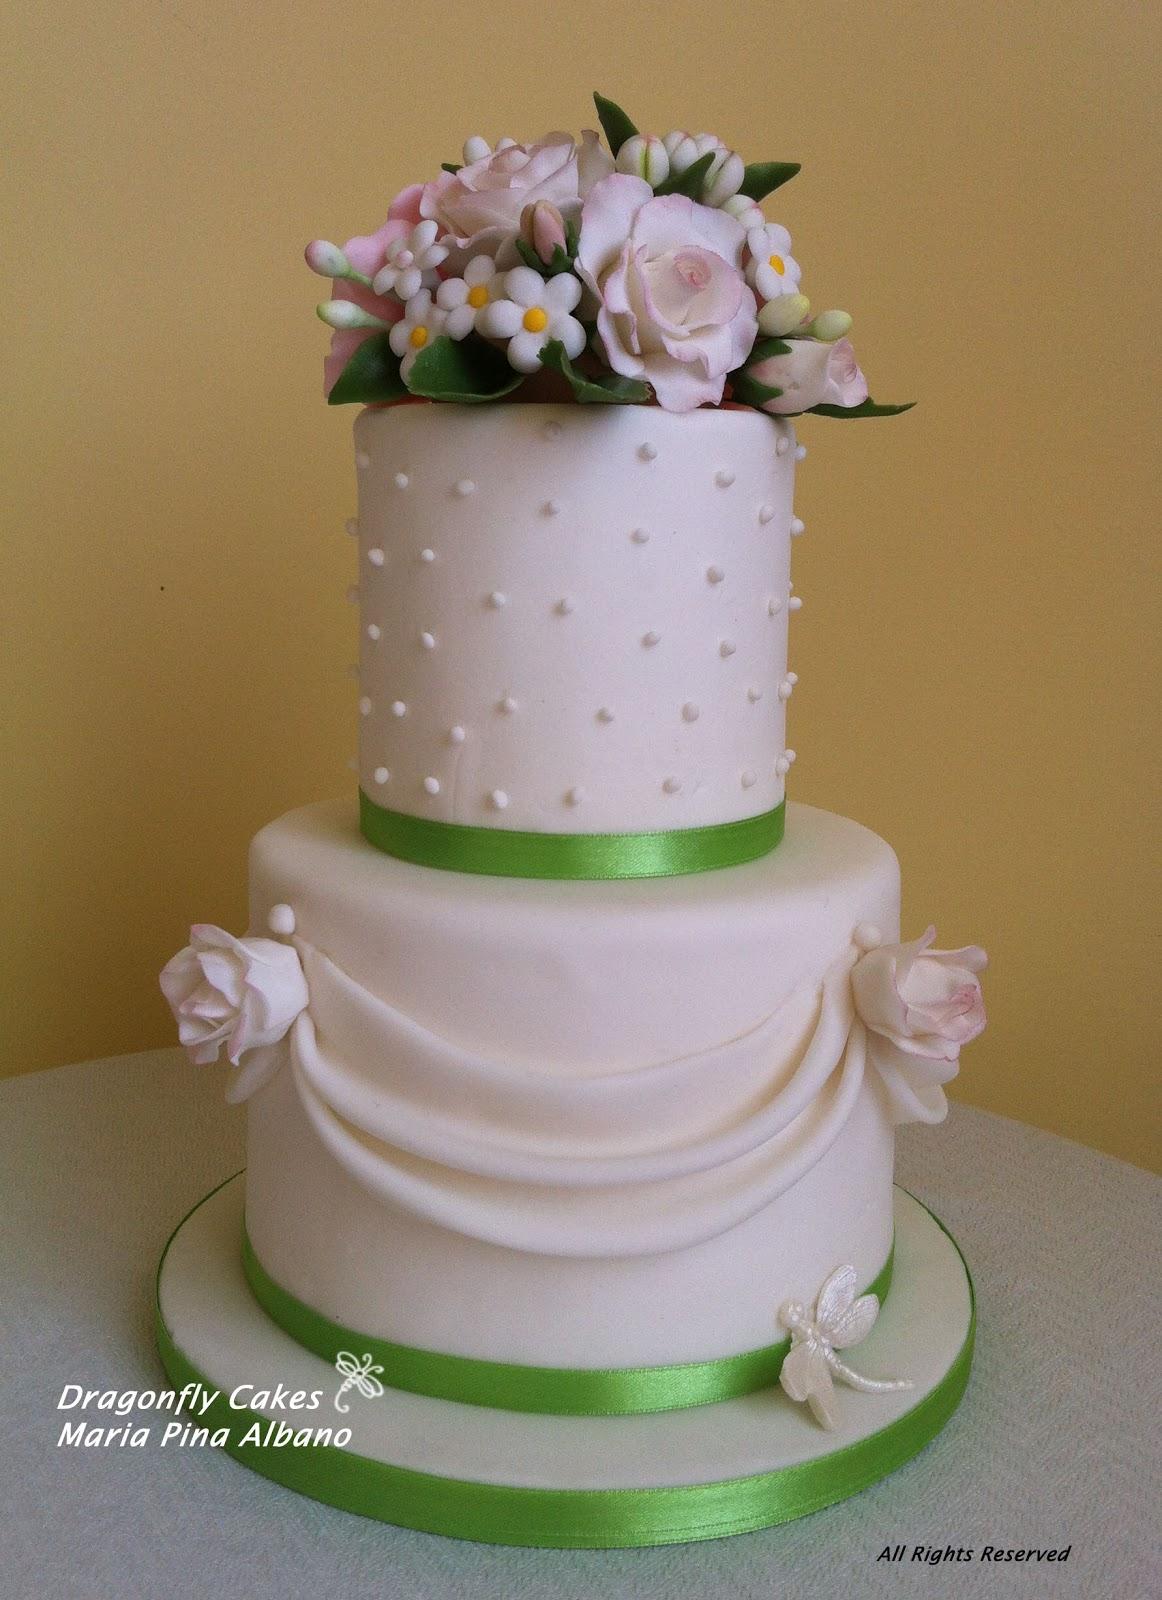 Famoso Dragonfly Cakes - Maria Pina Albano: Torta per promessa di matrimonio PQ35